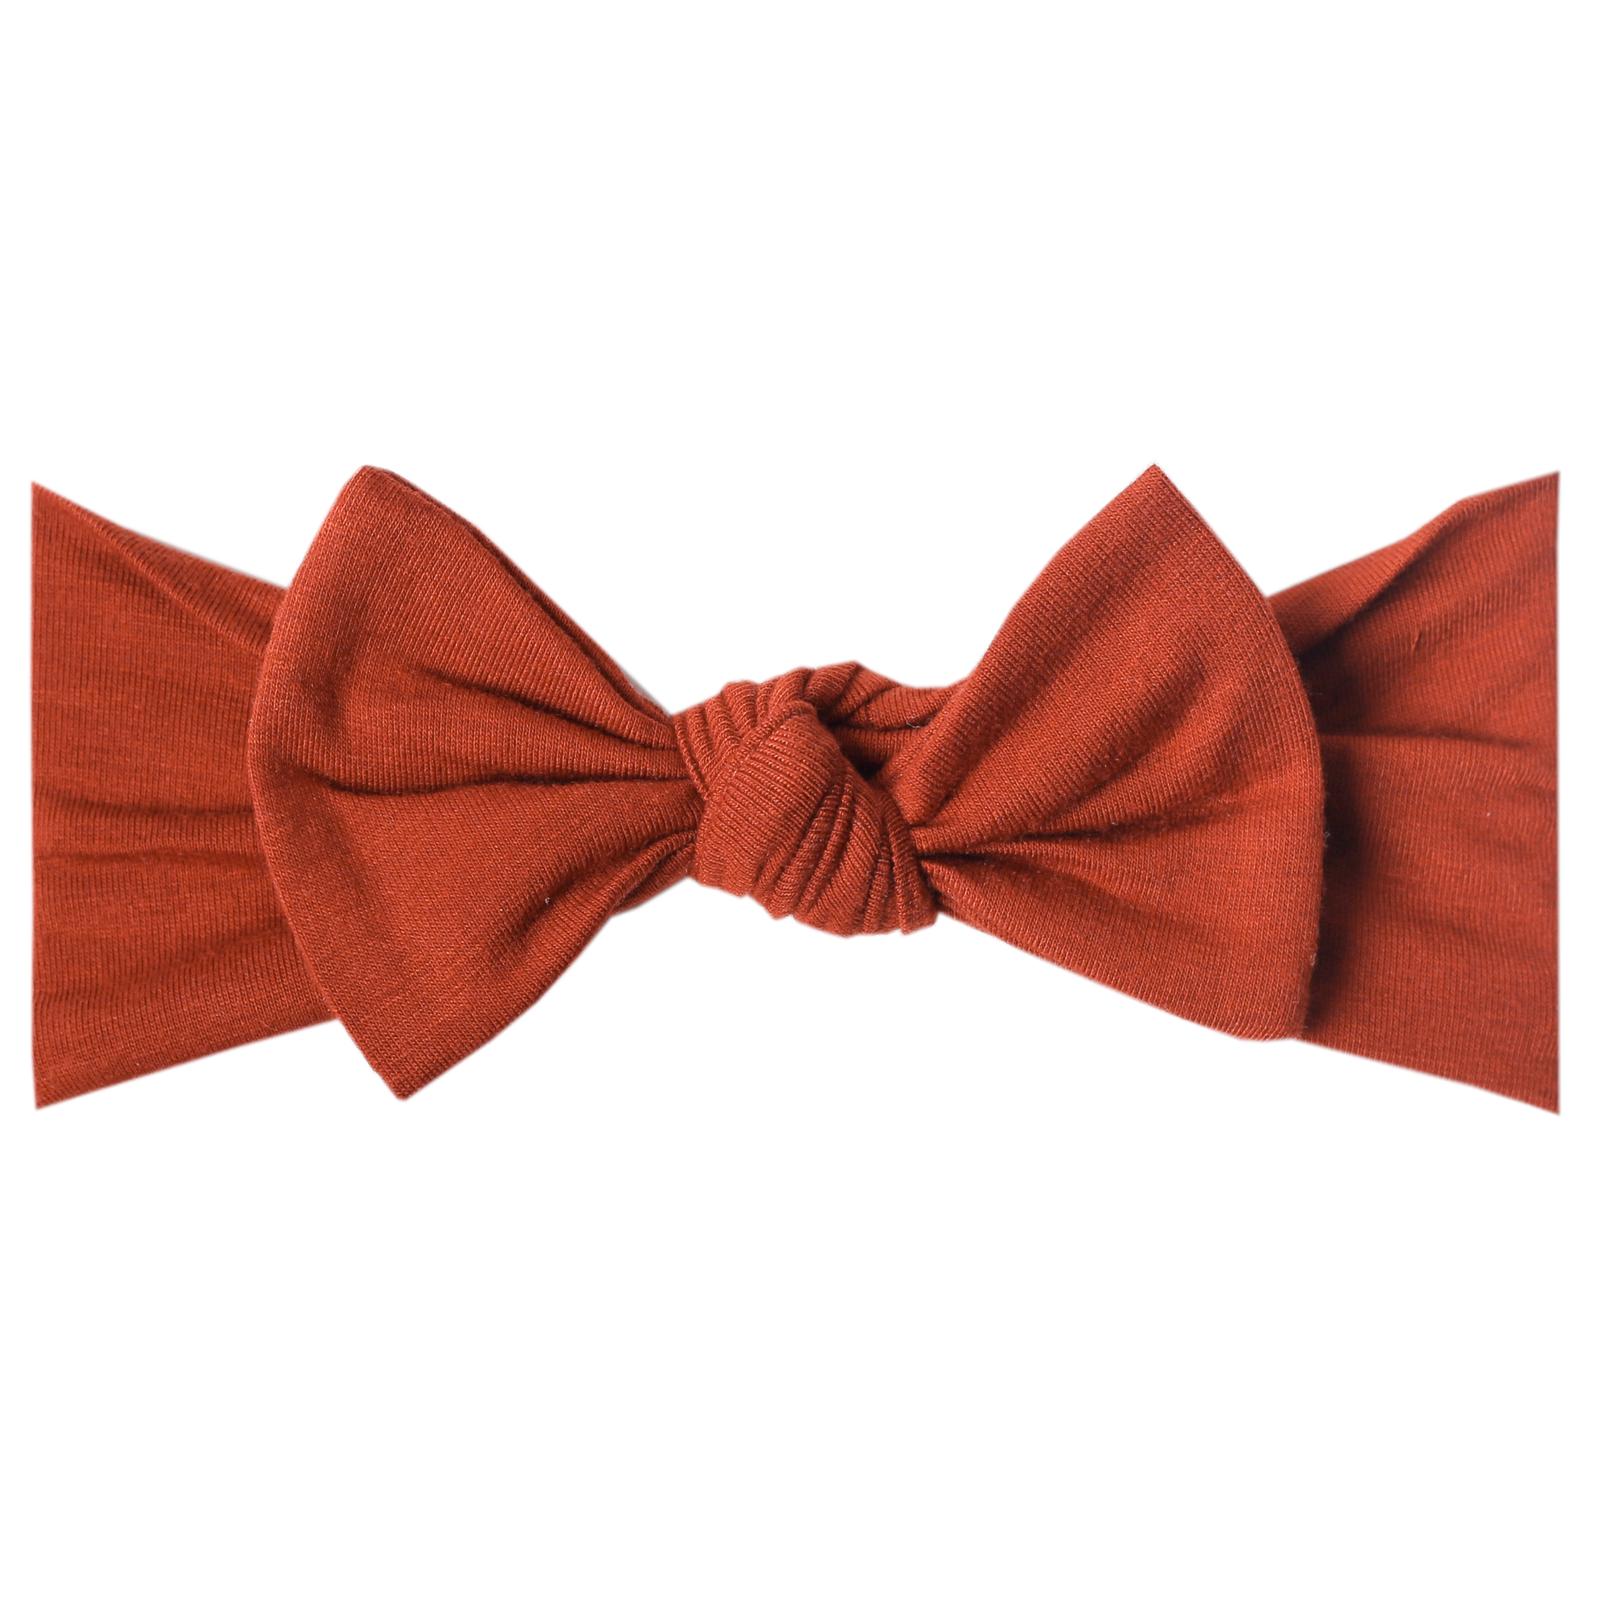 Copper Pearl Knit Headband - Rust